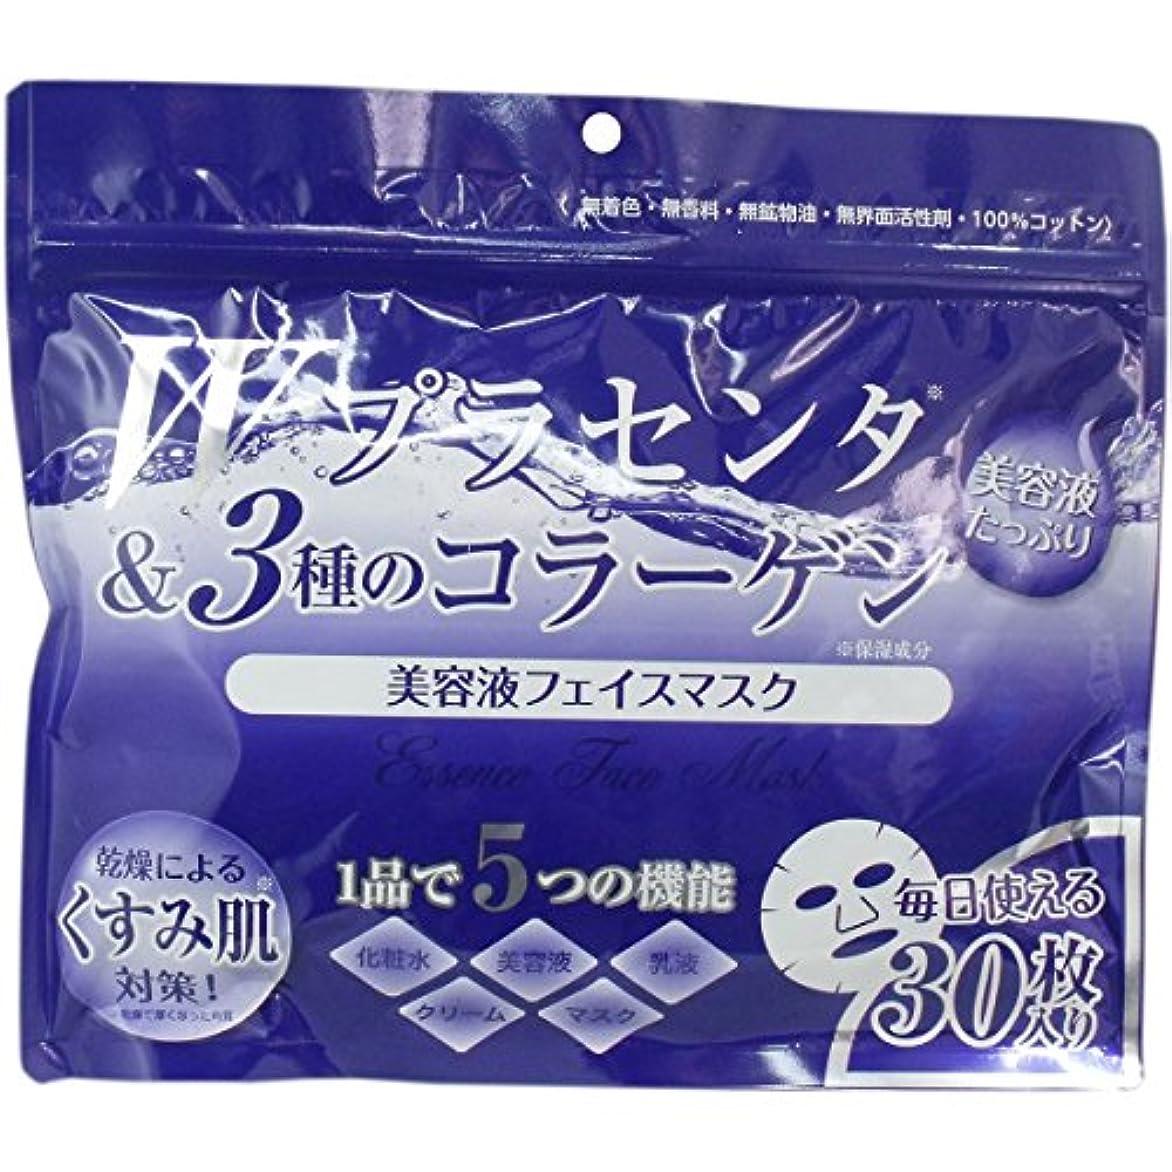 タイピストスクリーチドロップオールインワン 美容液フェイスマスク Wプラセンタ&3種のコラーゲン 30枚入